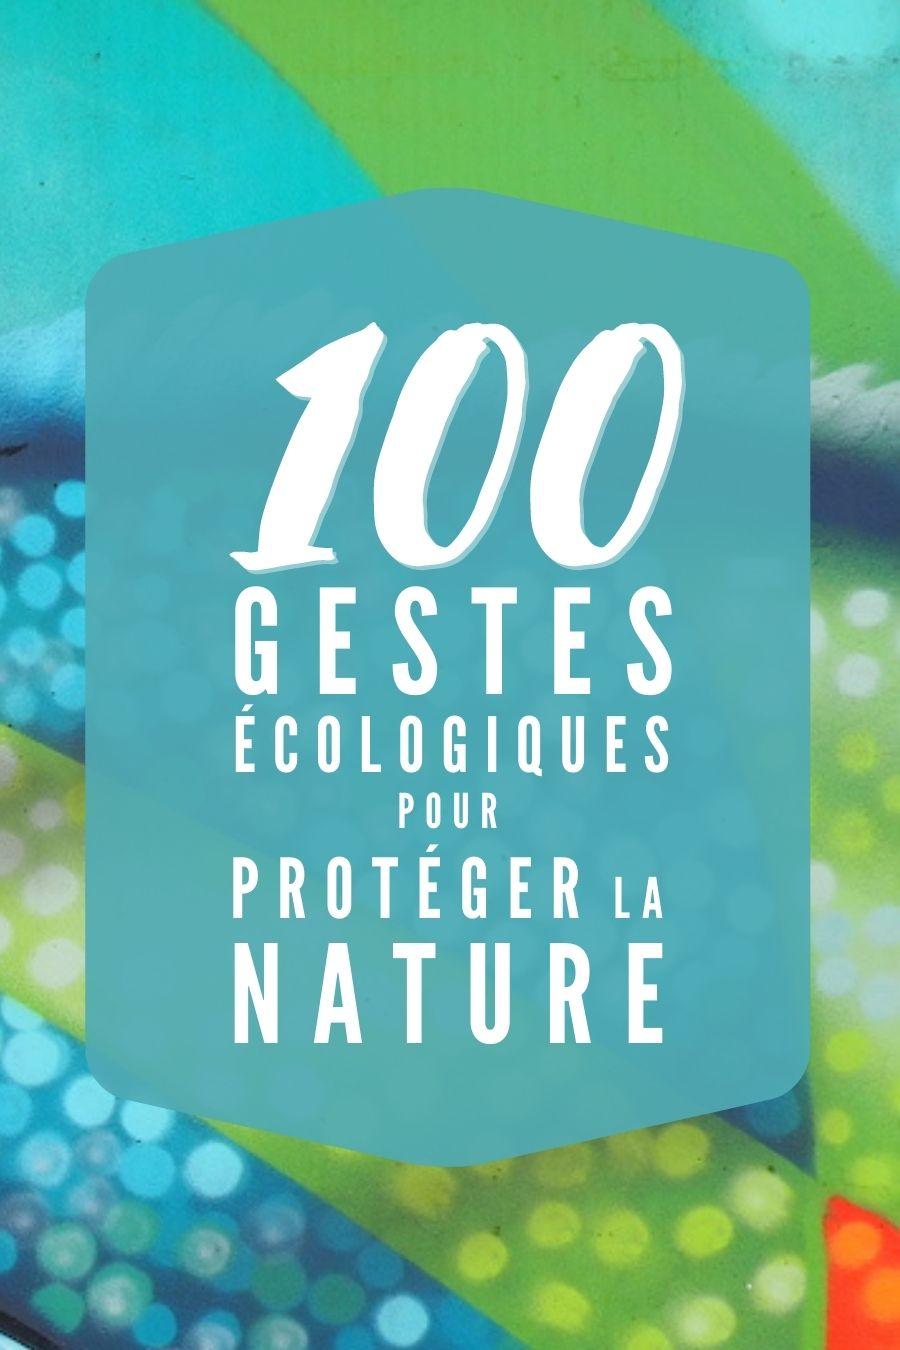 100 idées de gestes écologiques simples à pratiquer pour protéger la planète à votre échelle. Chaque geste compte.